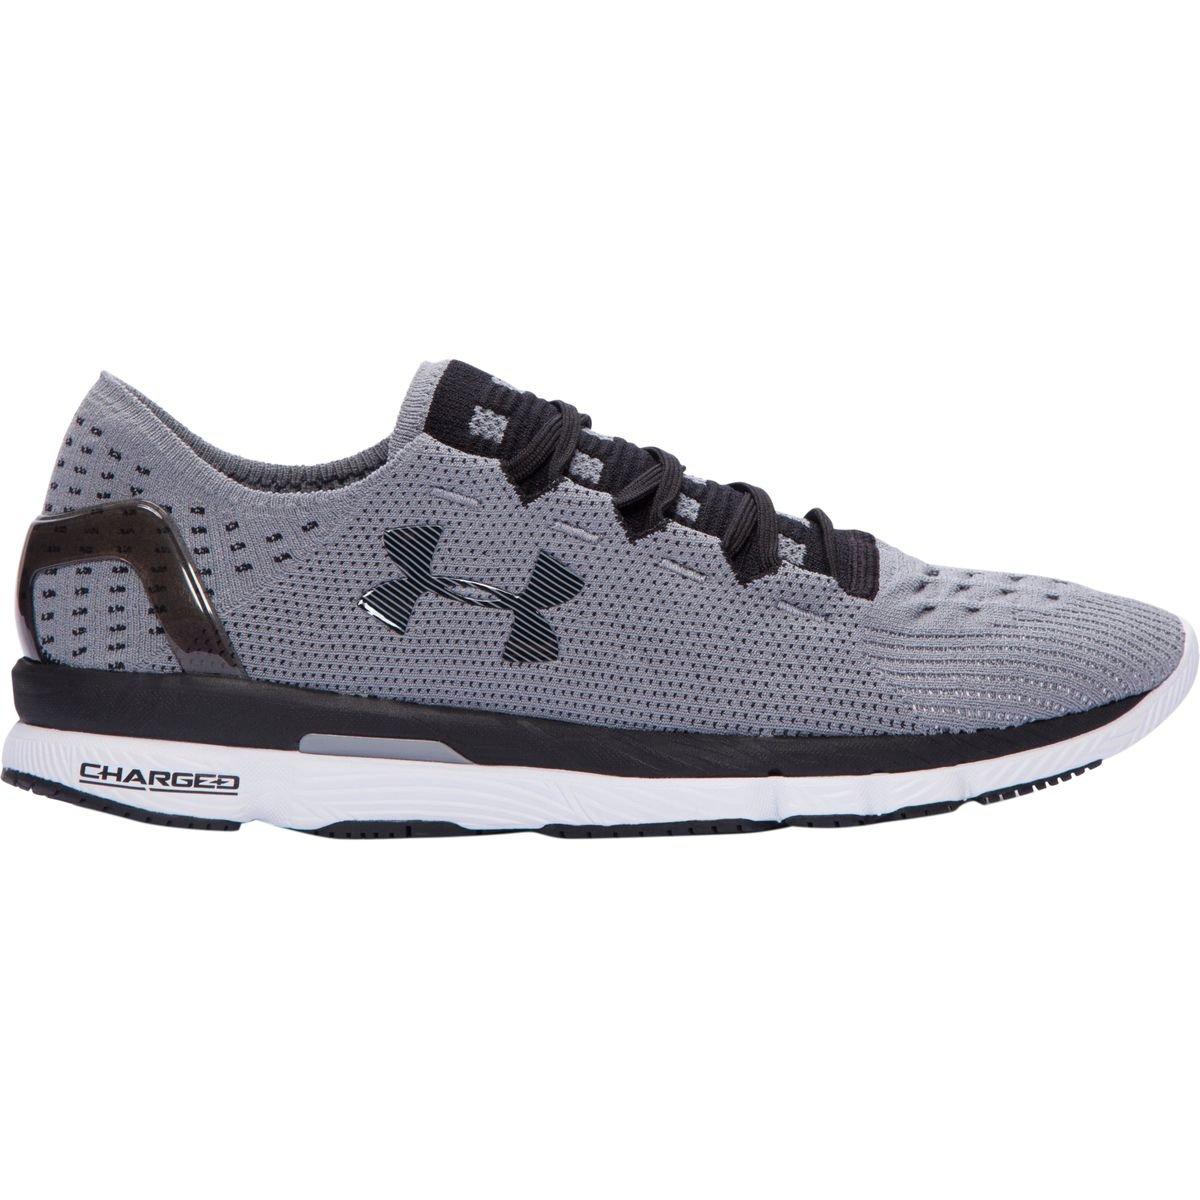 Under Armour Men's UA Speedform Slingshot Running Shoes B01CKKJD5U 9.5 D(M) US|Grey/White